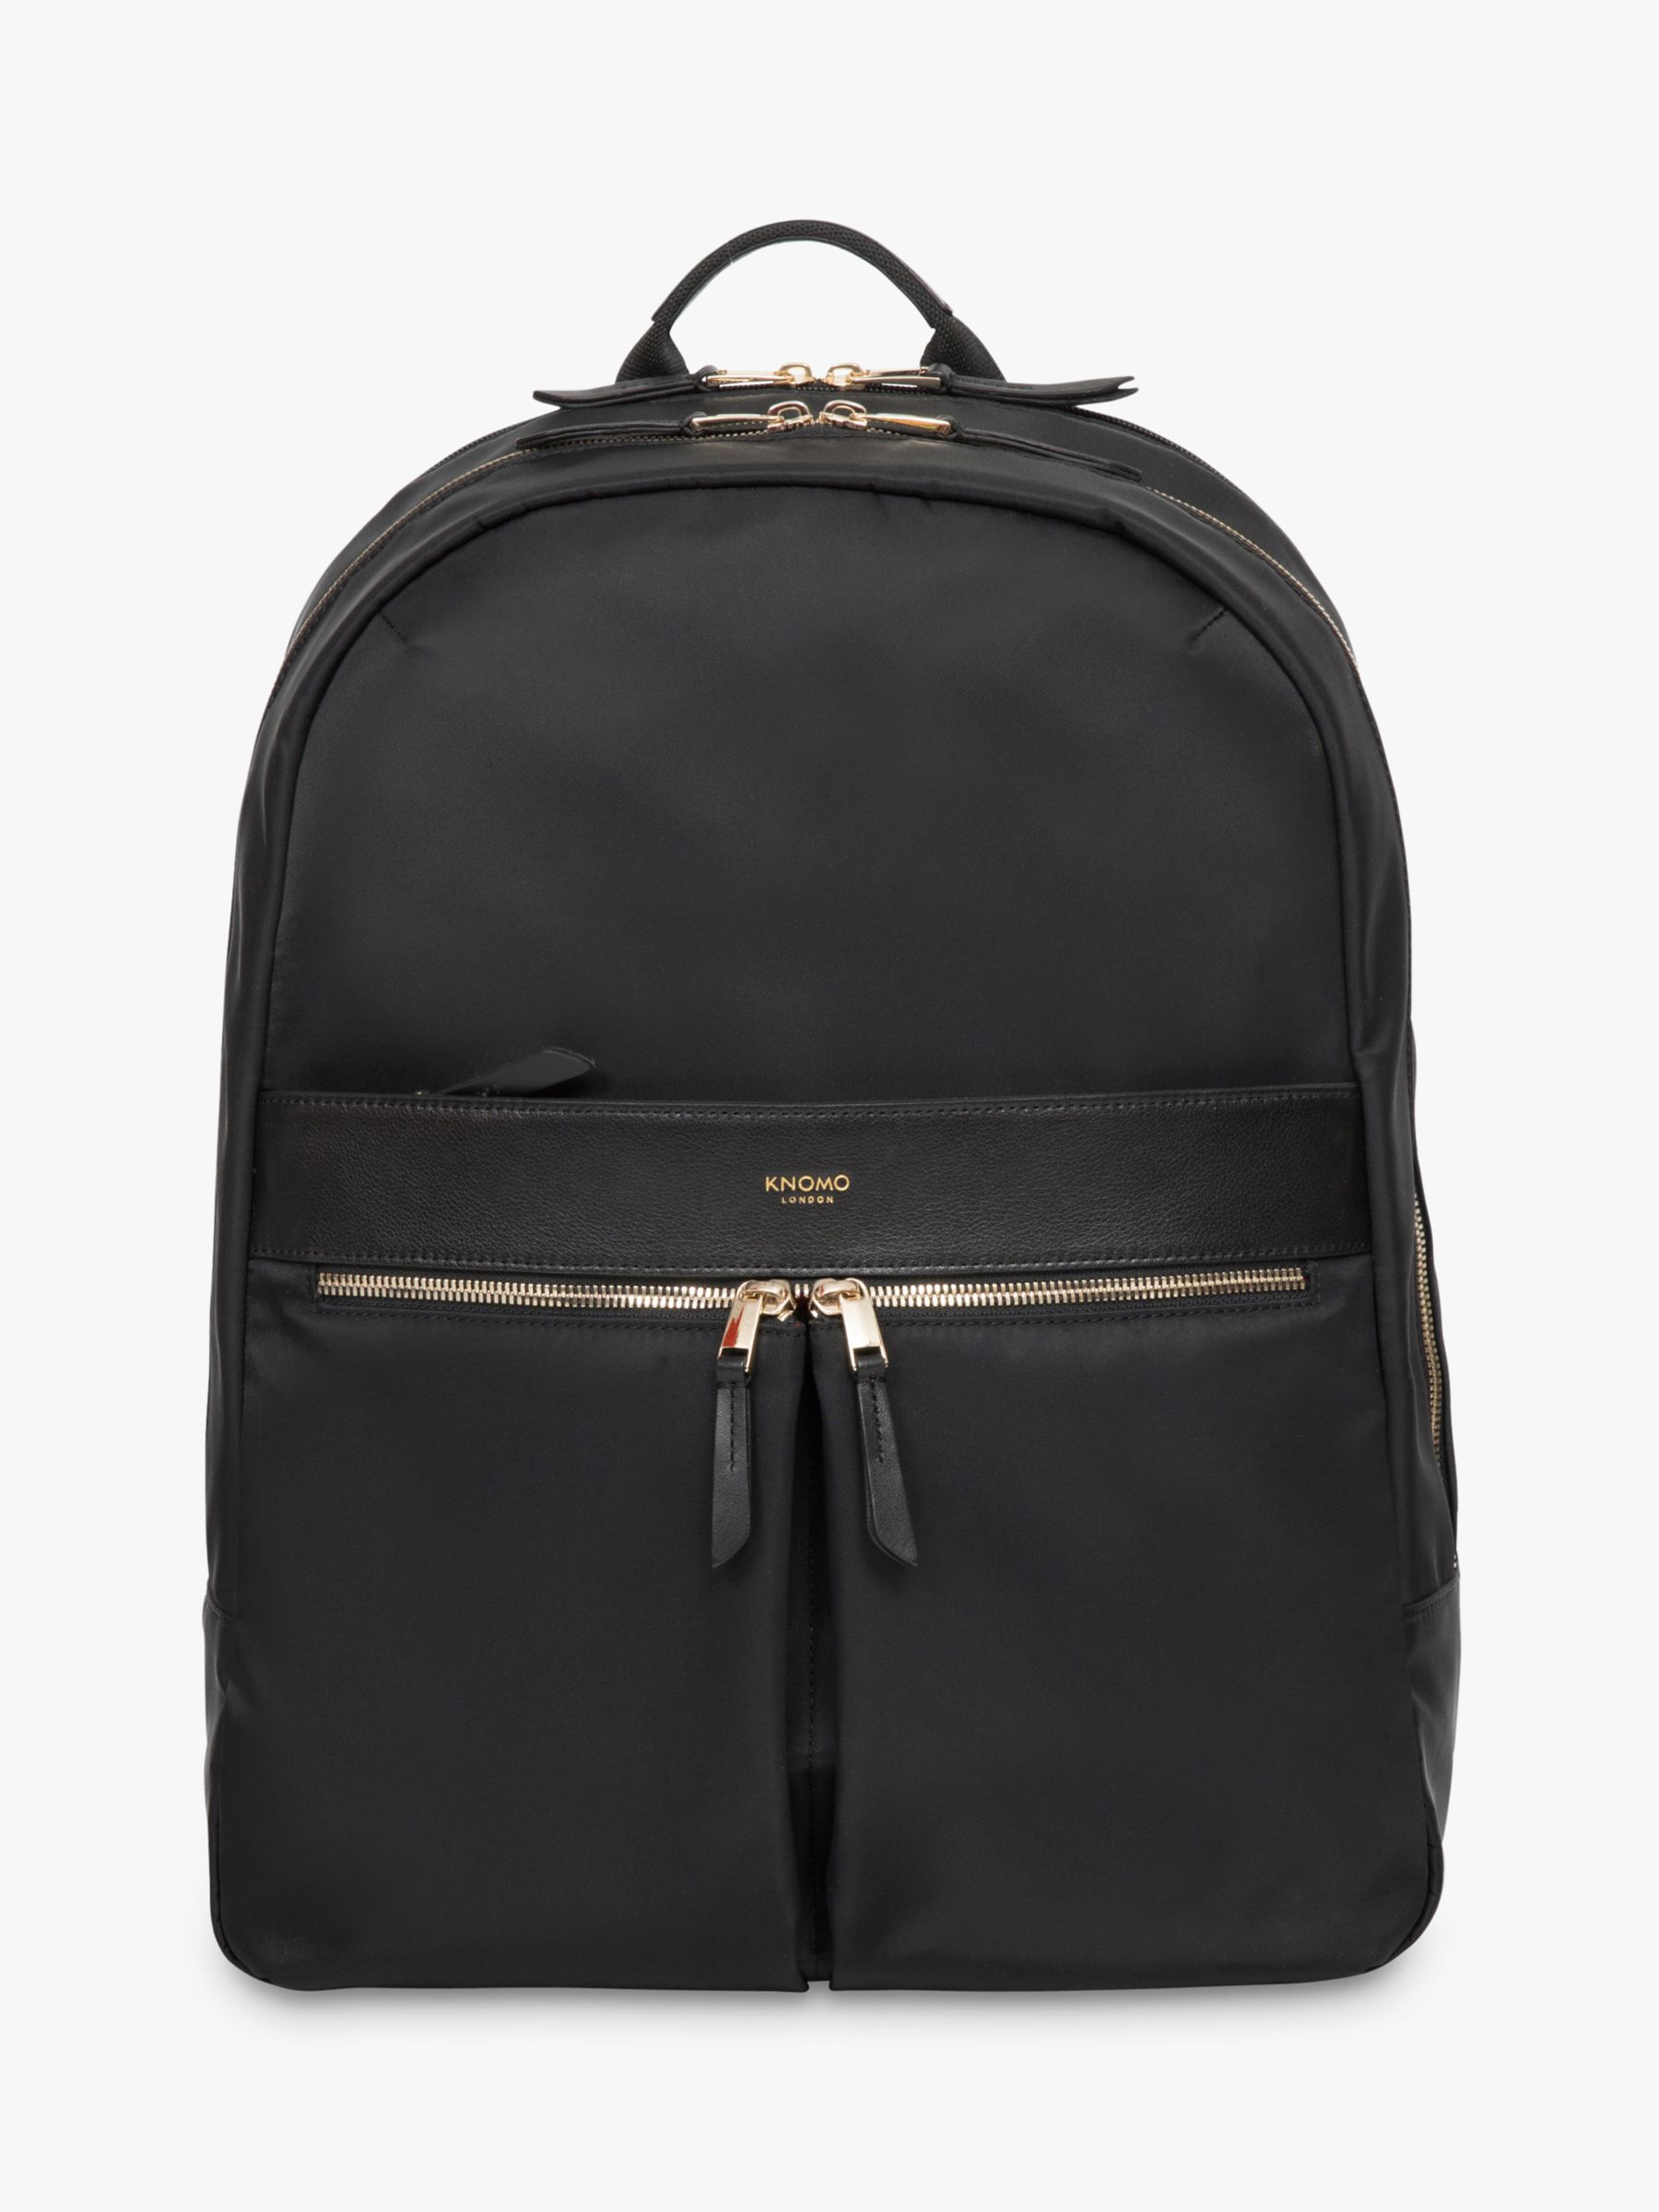 Knomo KNOMO Beauchamp Backpack for 15.6 Laptops, Black